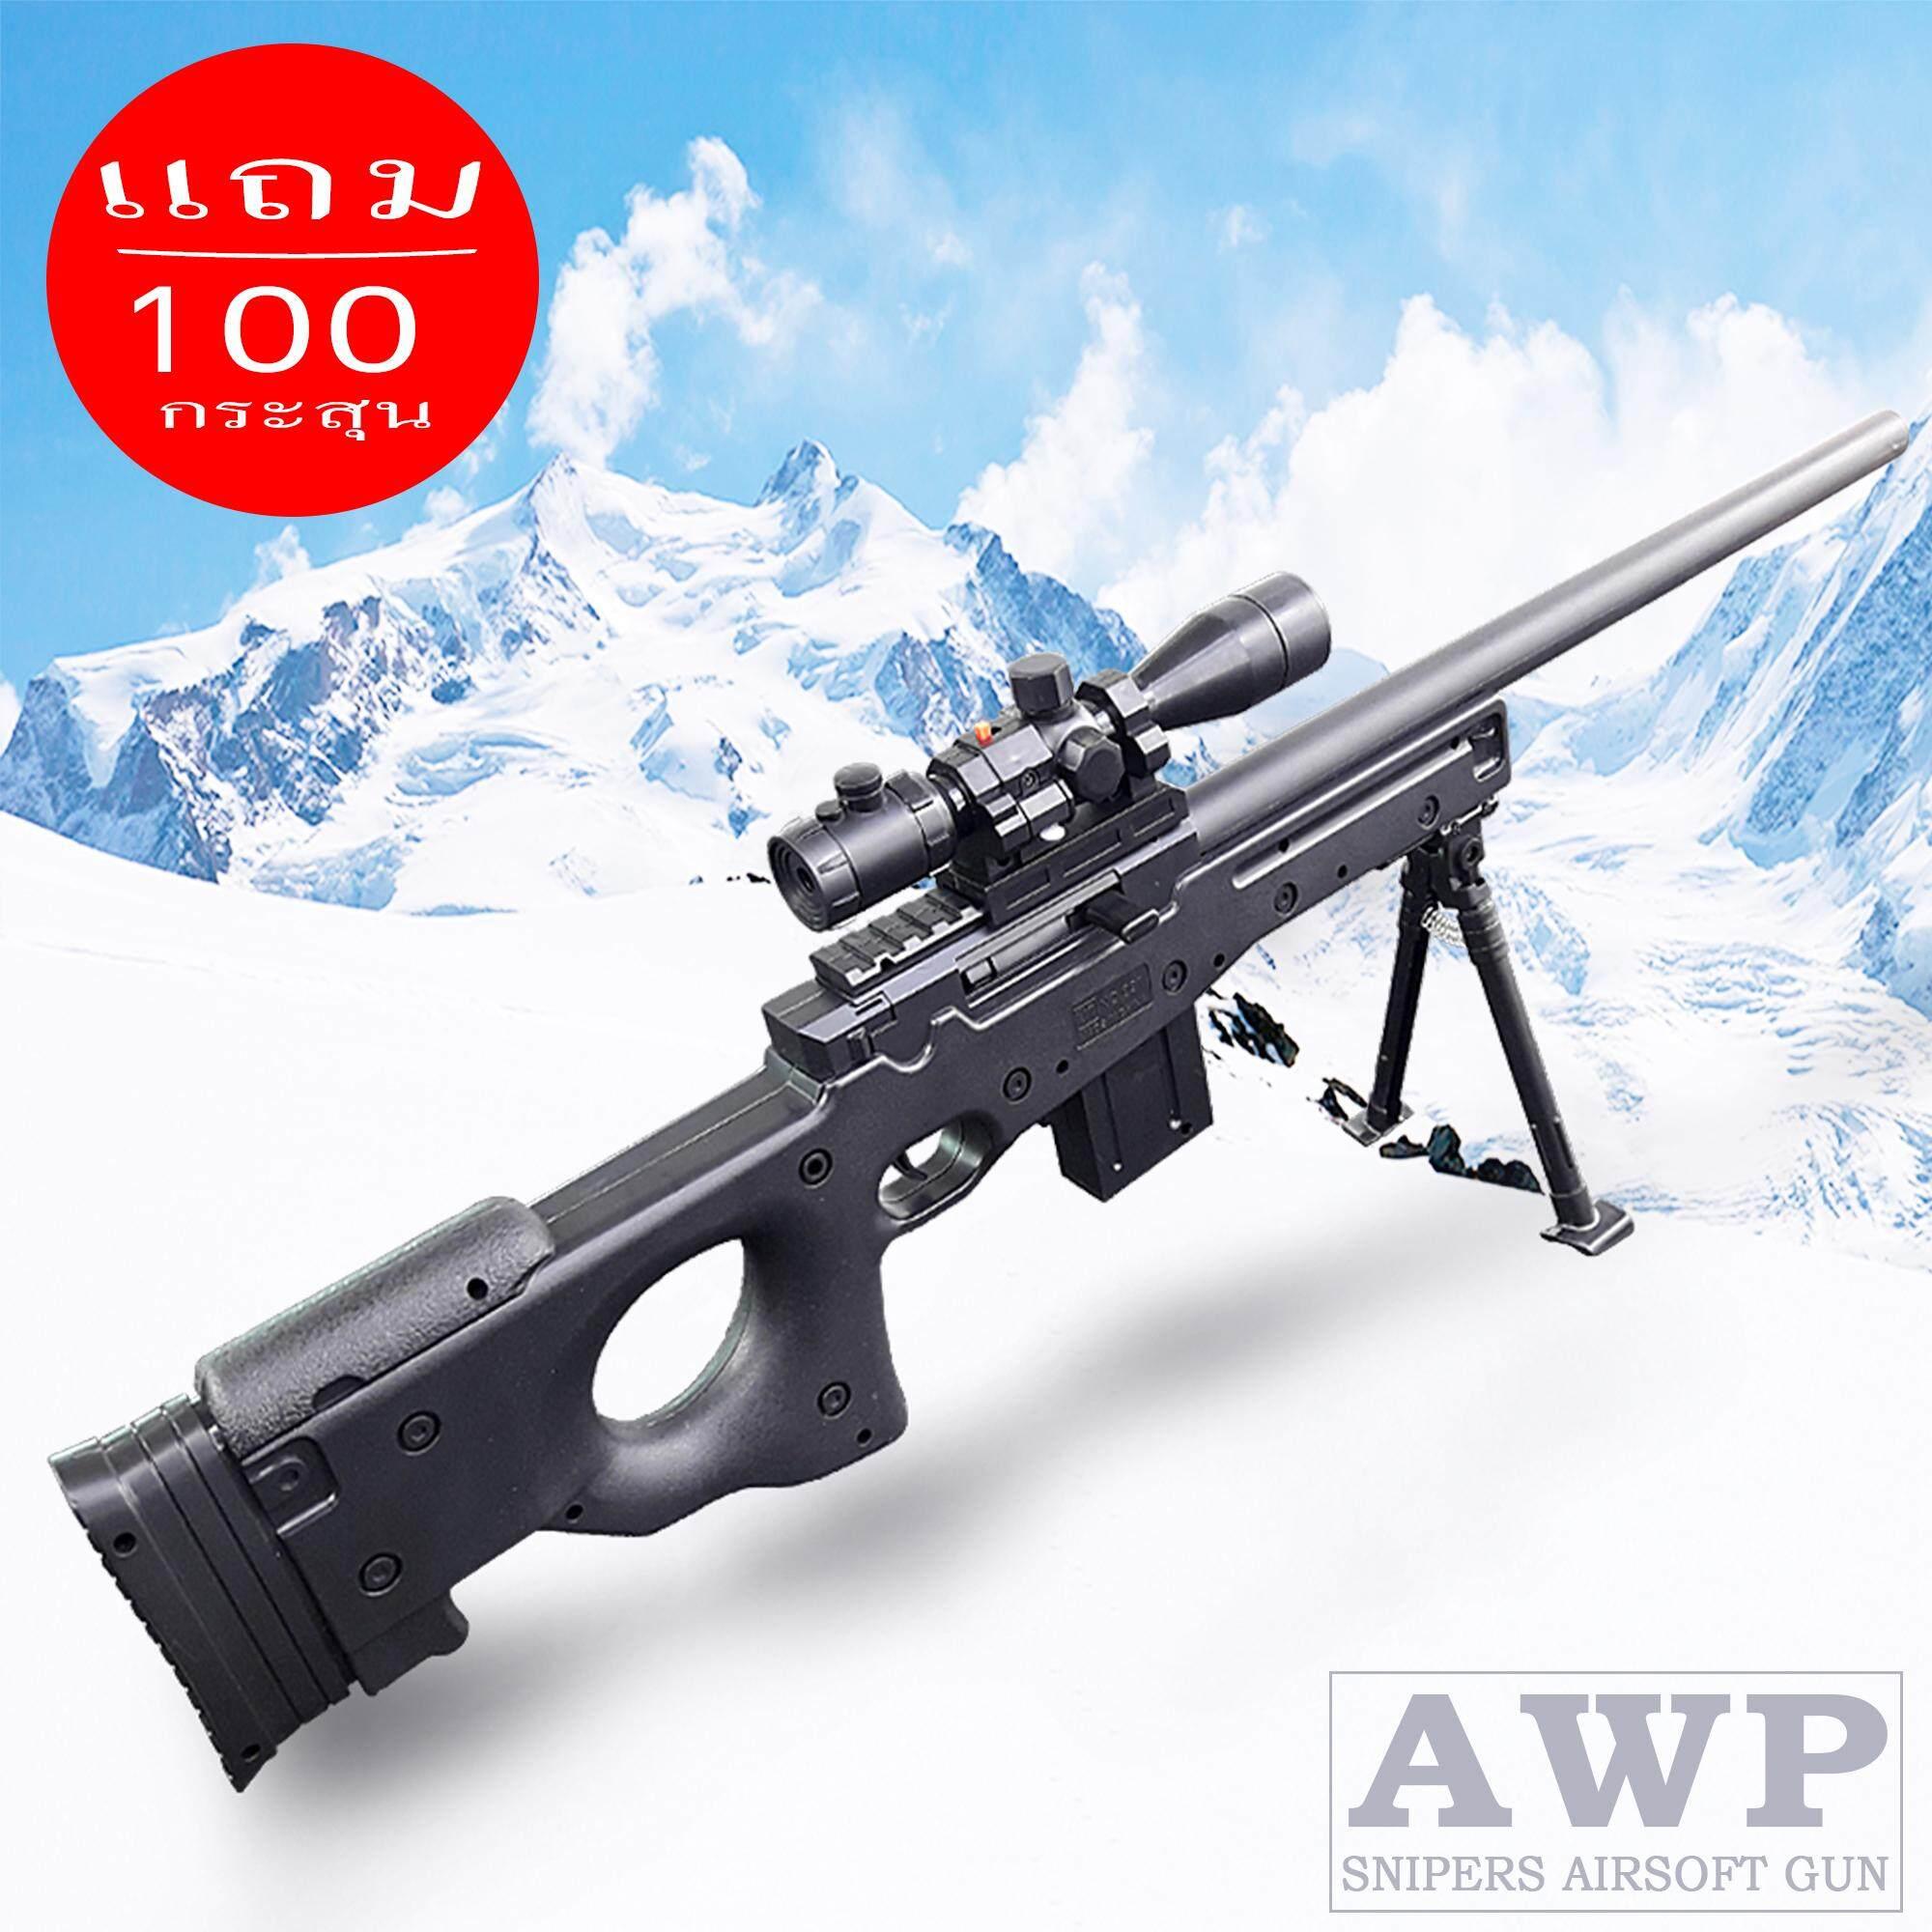 ปืนของเล่น ปืนอัดลม ปืนสไนเปอร์ ชักยิงง่าย บอดี้พลาสติกสีดำ งานสวยละเอียด By Toys House.